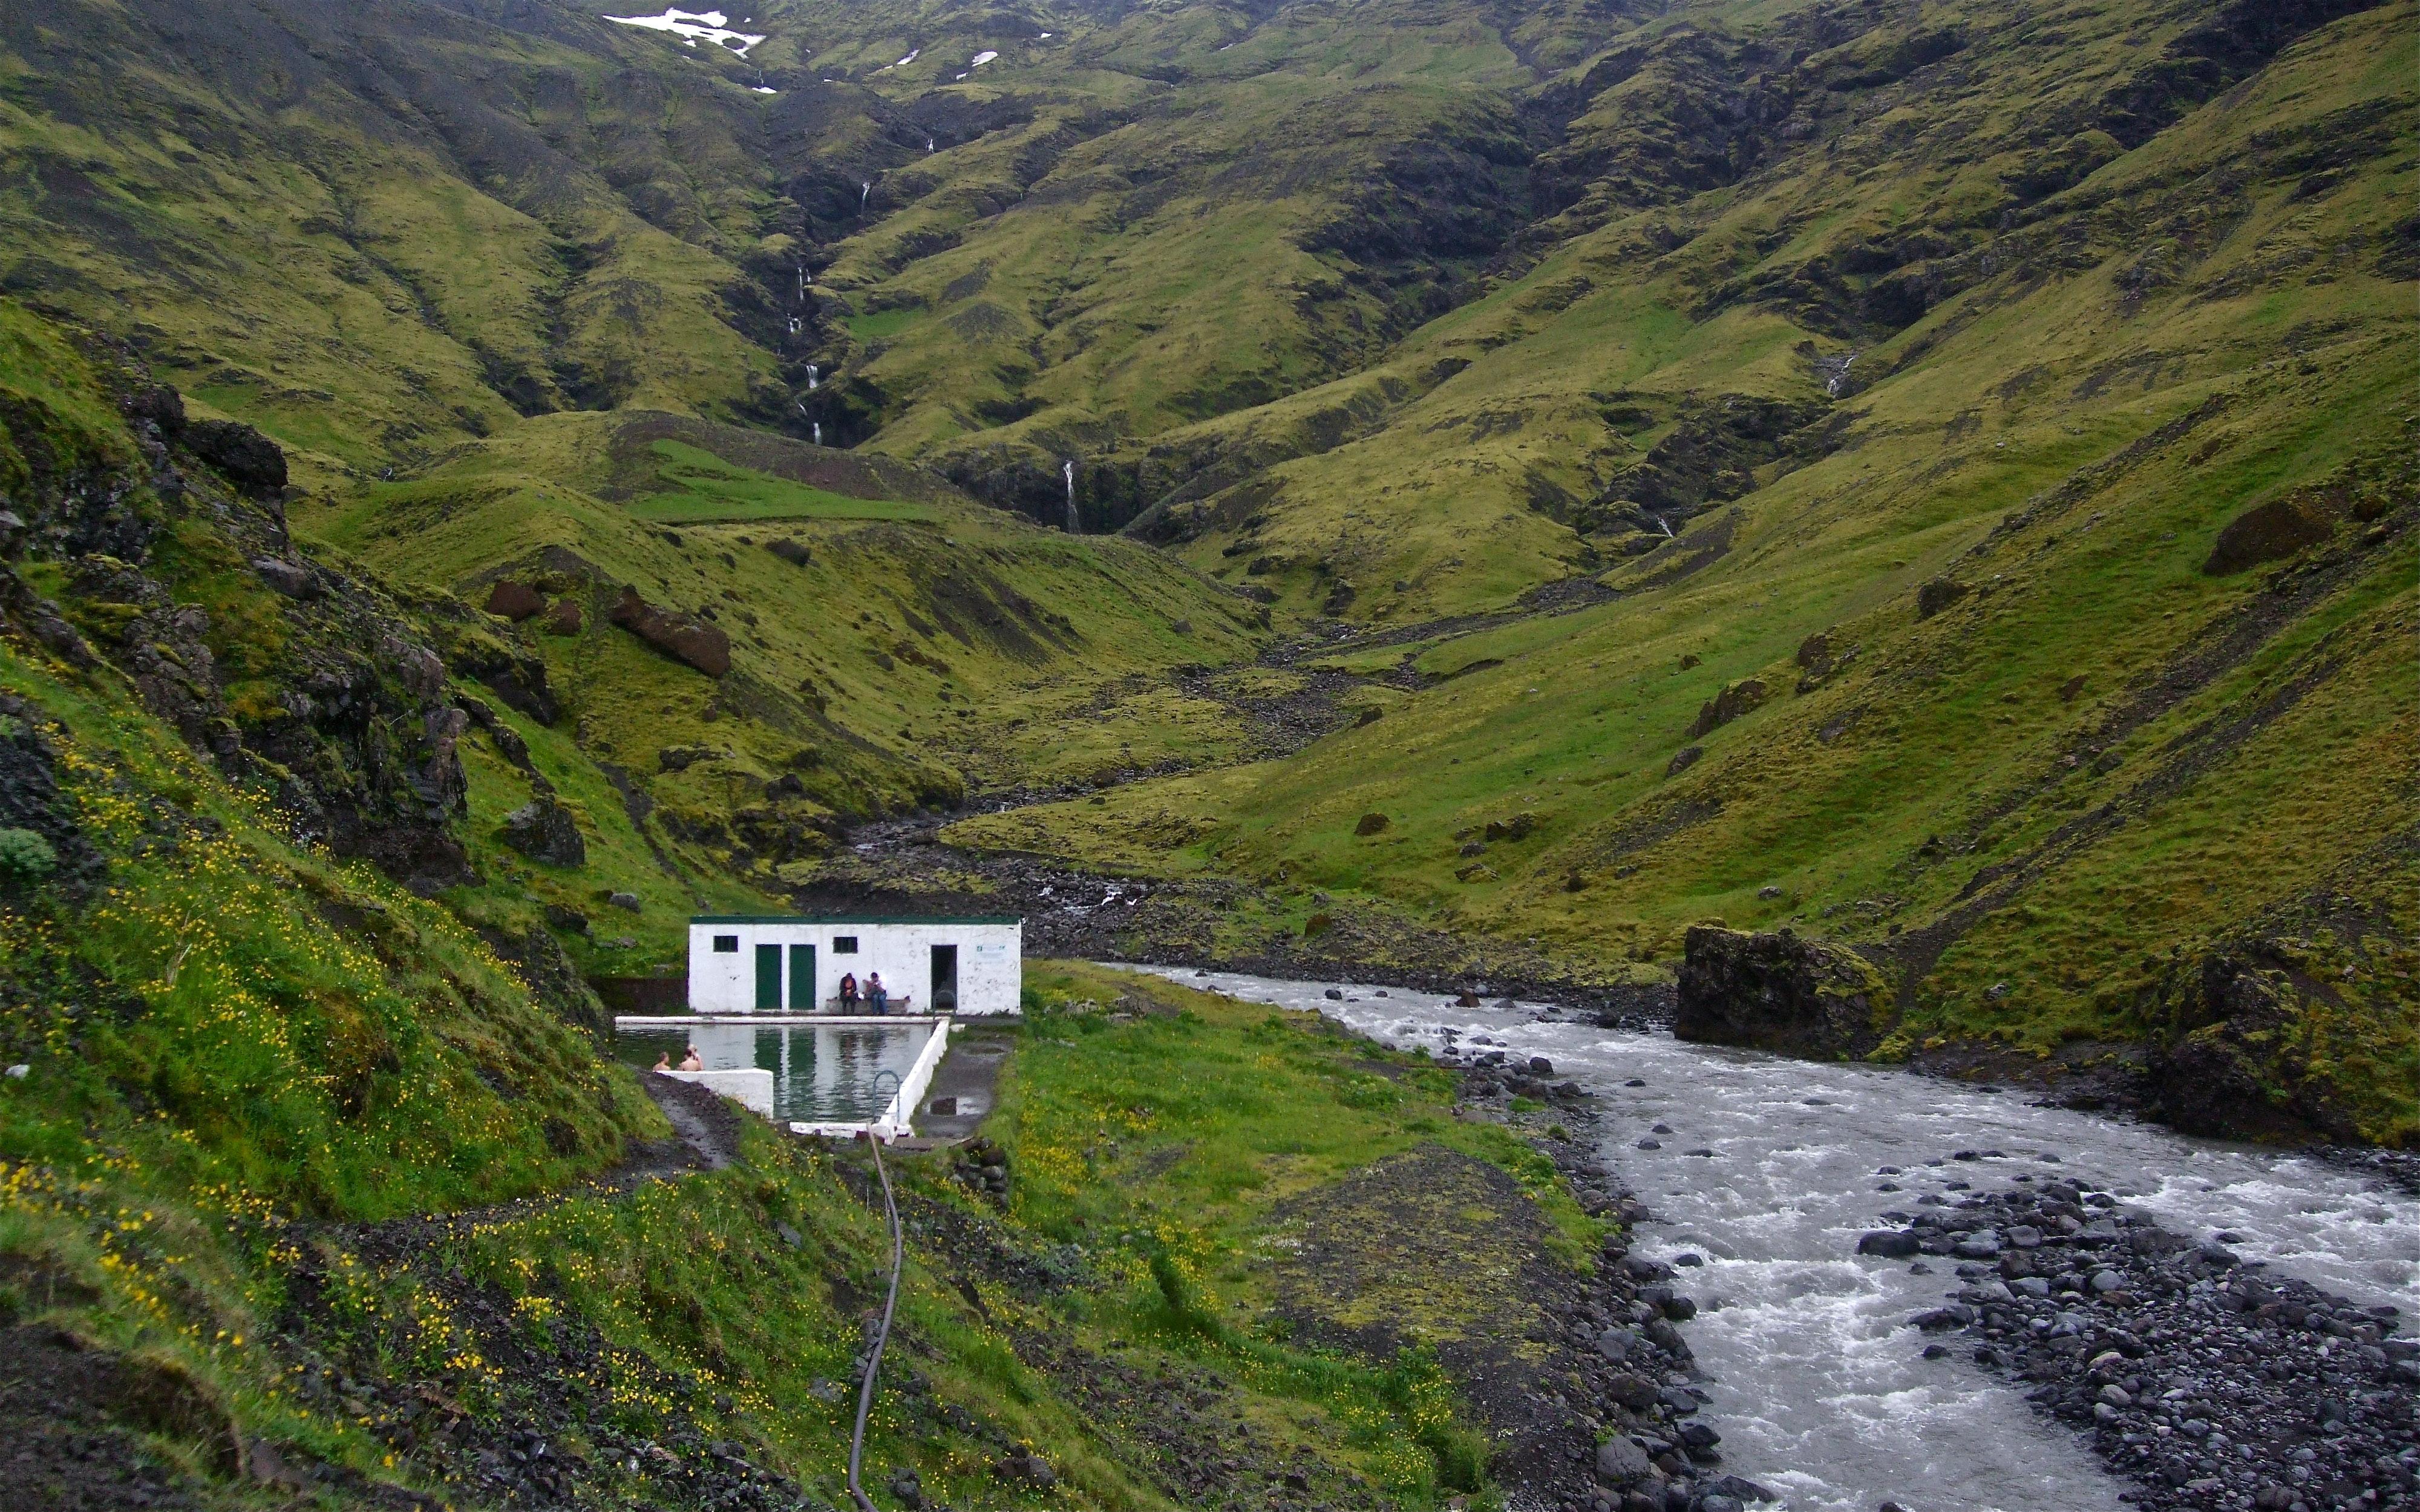 冰岛Seljavallalaug温泉泳池,图片来自维基百科commons